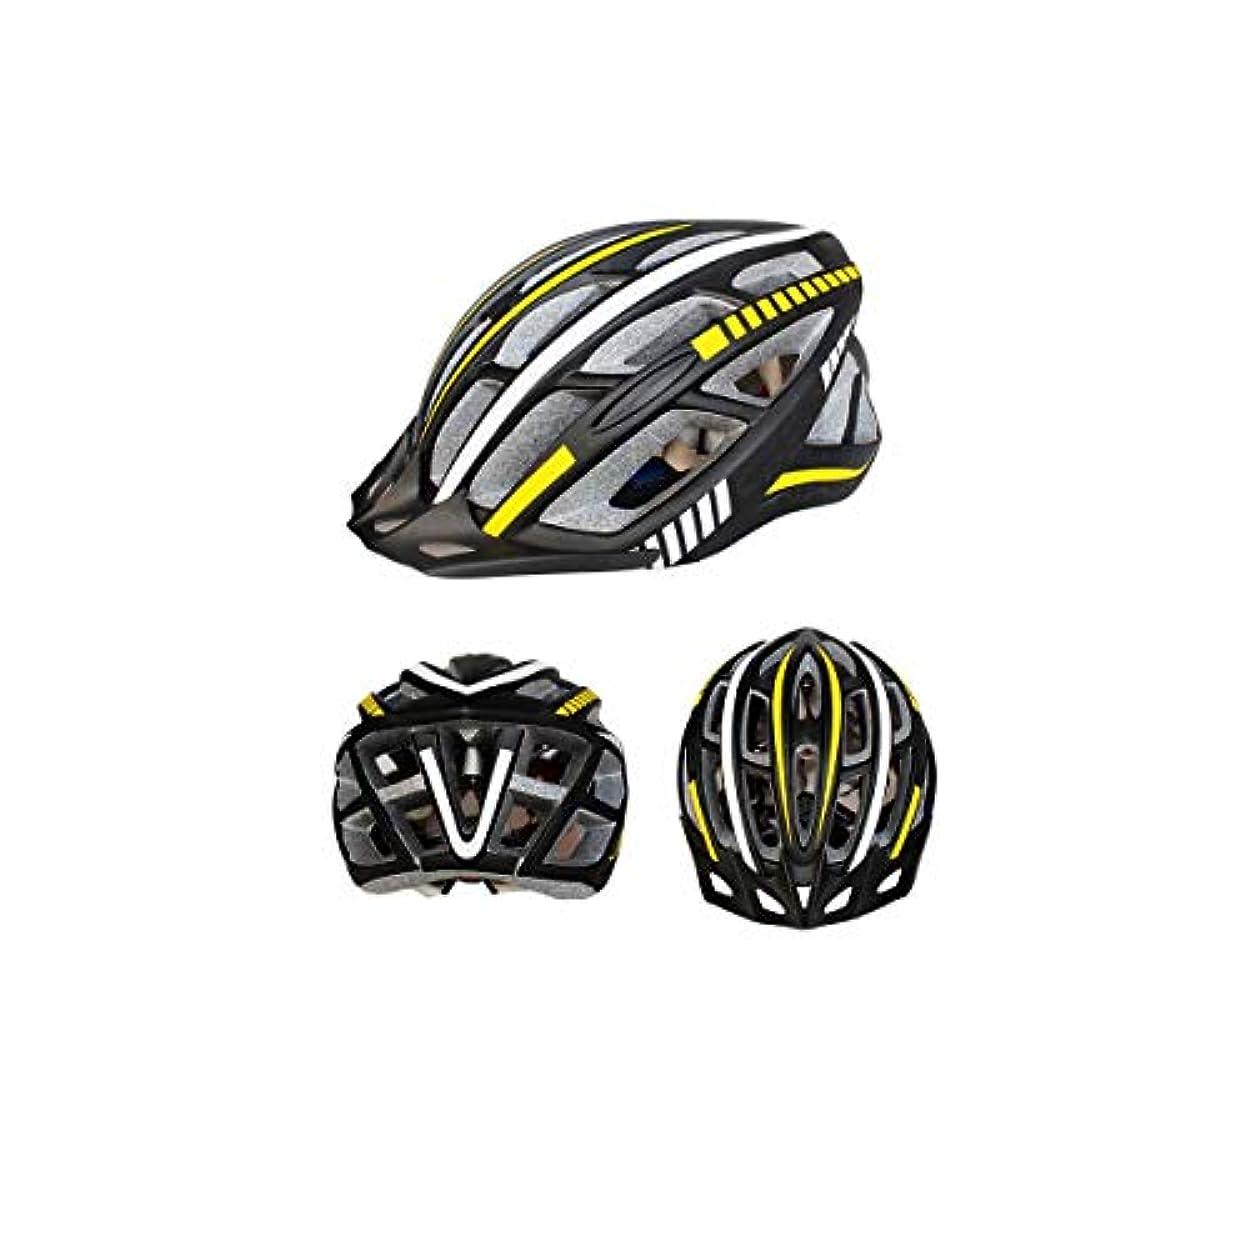 月曜サージテメリティCQIANG エアフロー自転車用ヘルメット、インモールド補強スケルトン、追加保護、58?62cm頭の周囲に適し、青、赤、黄、白 ComfortSafety